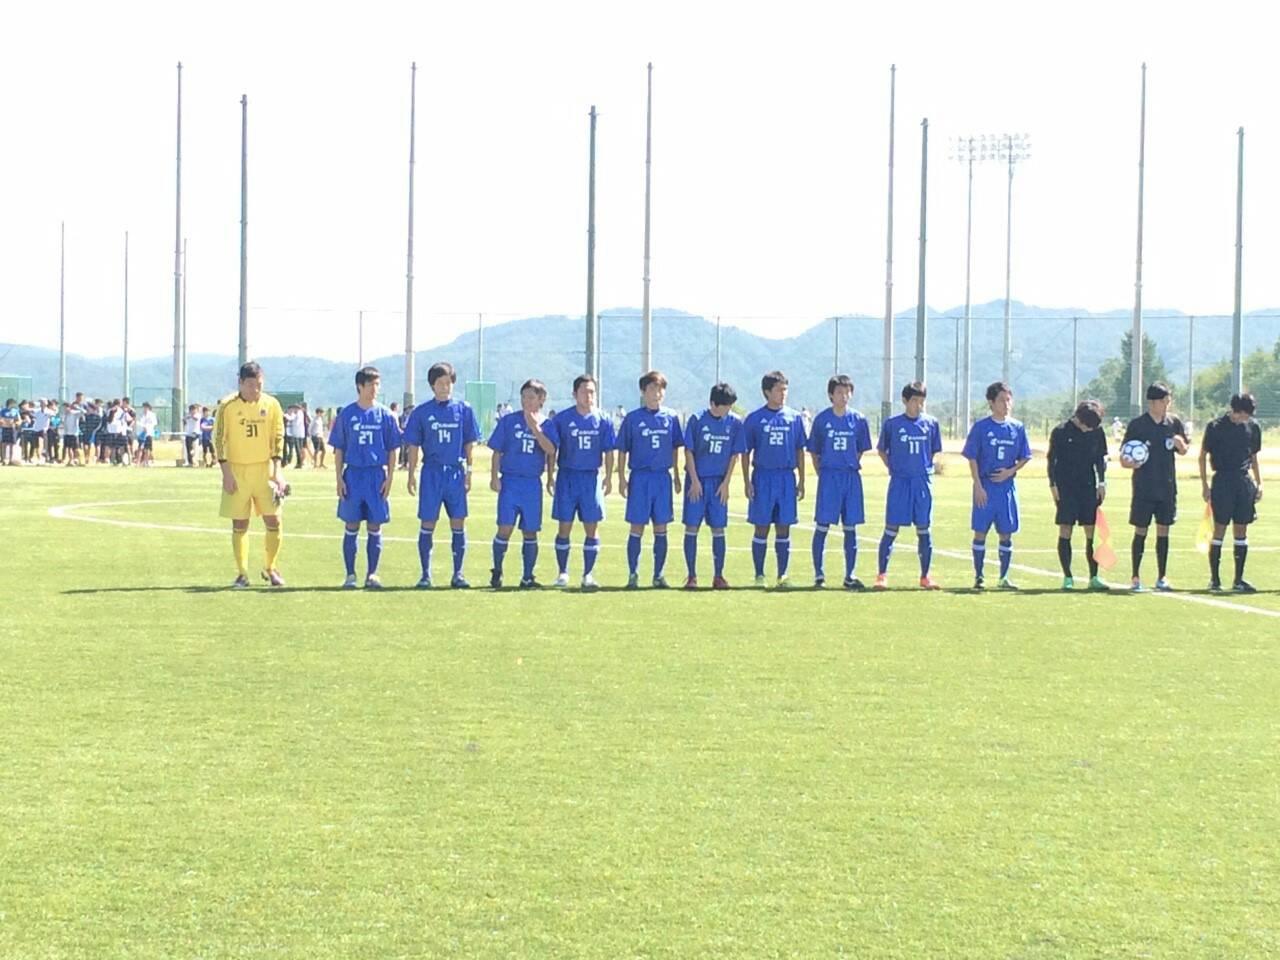 大学 サッカー 太平洋 部 環